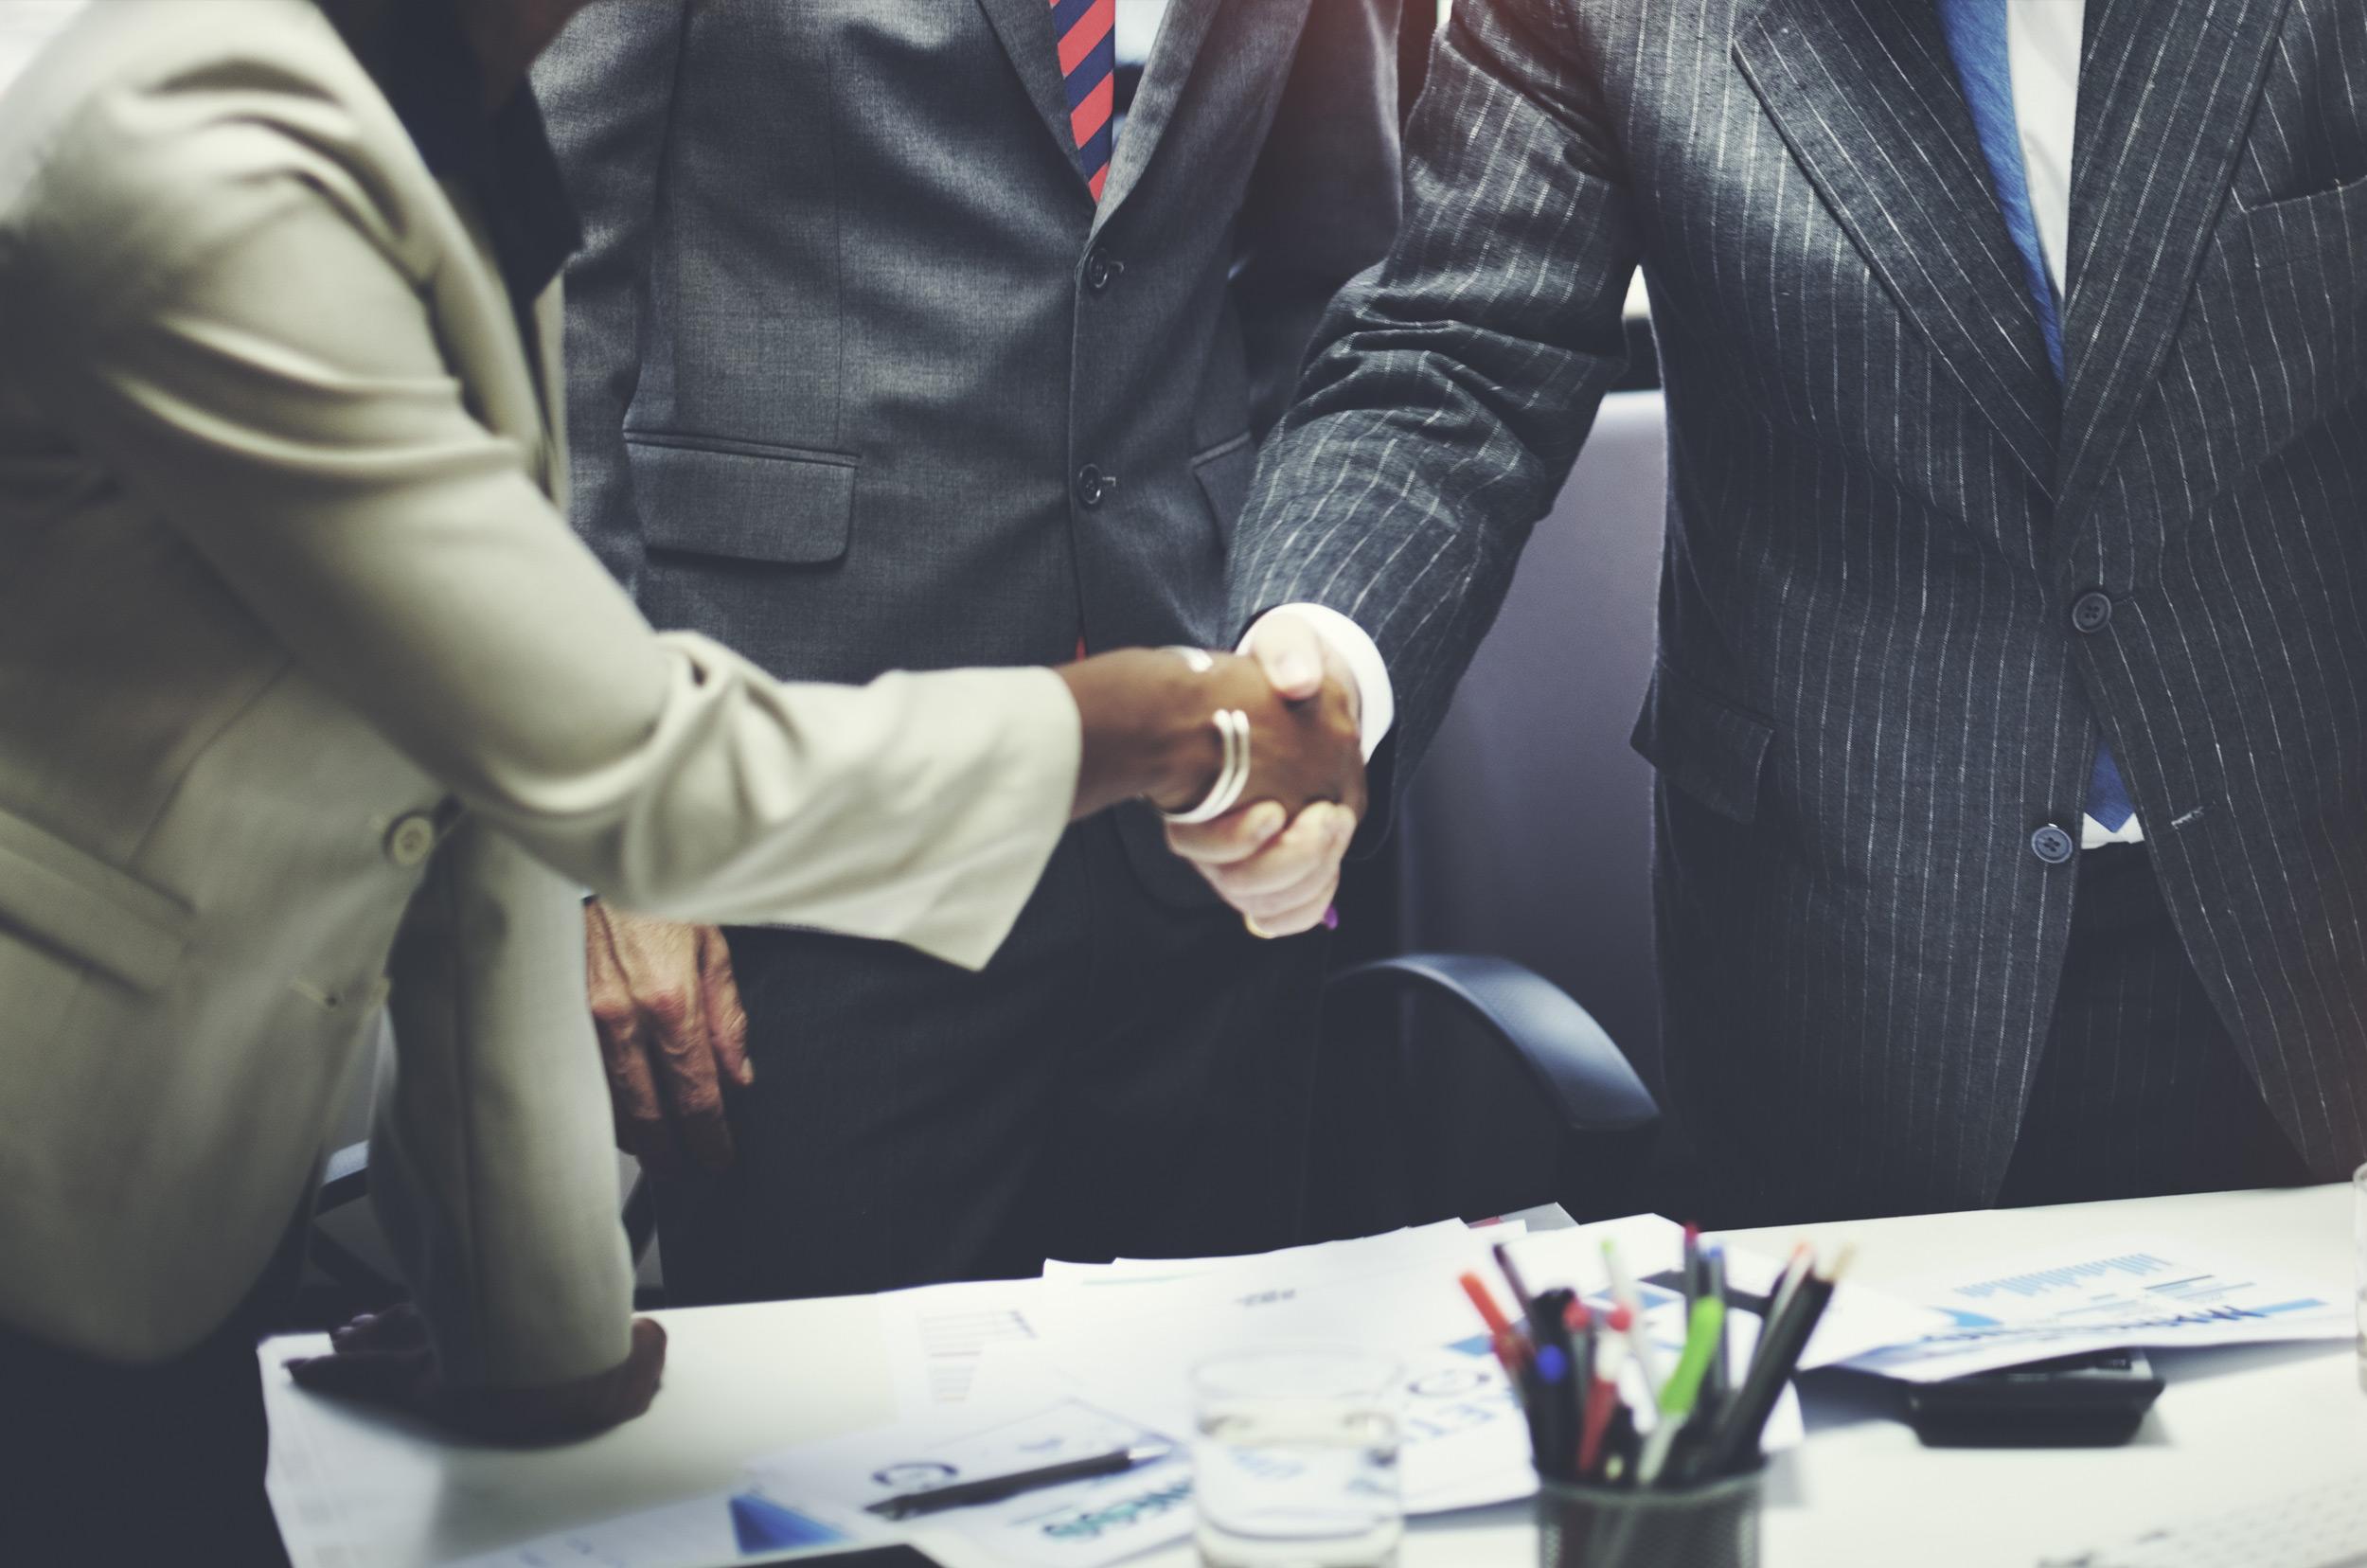 I controlli aziendali e le indagini difensive da parte del datore di lavoro